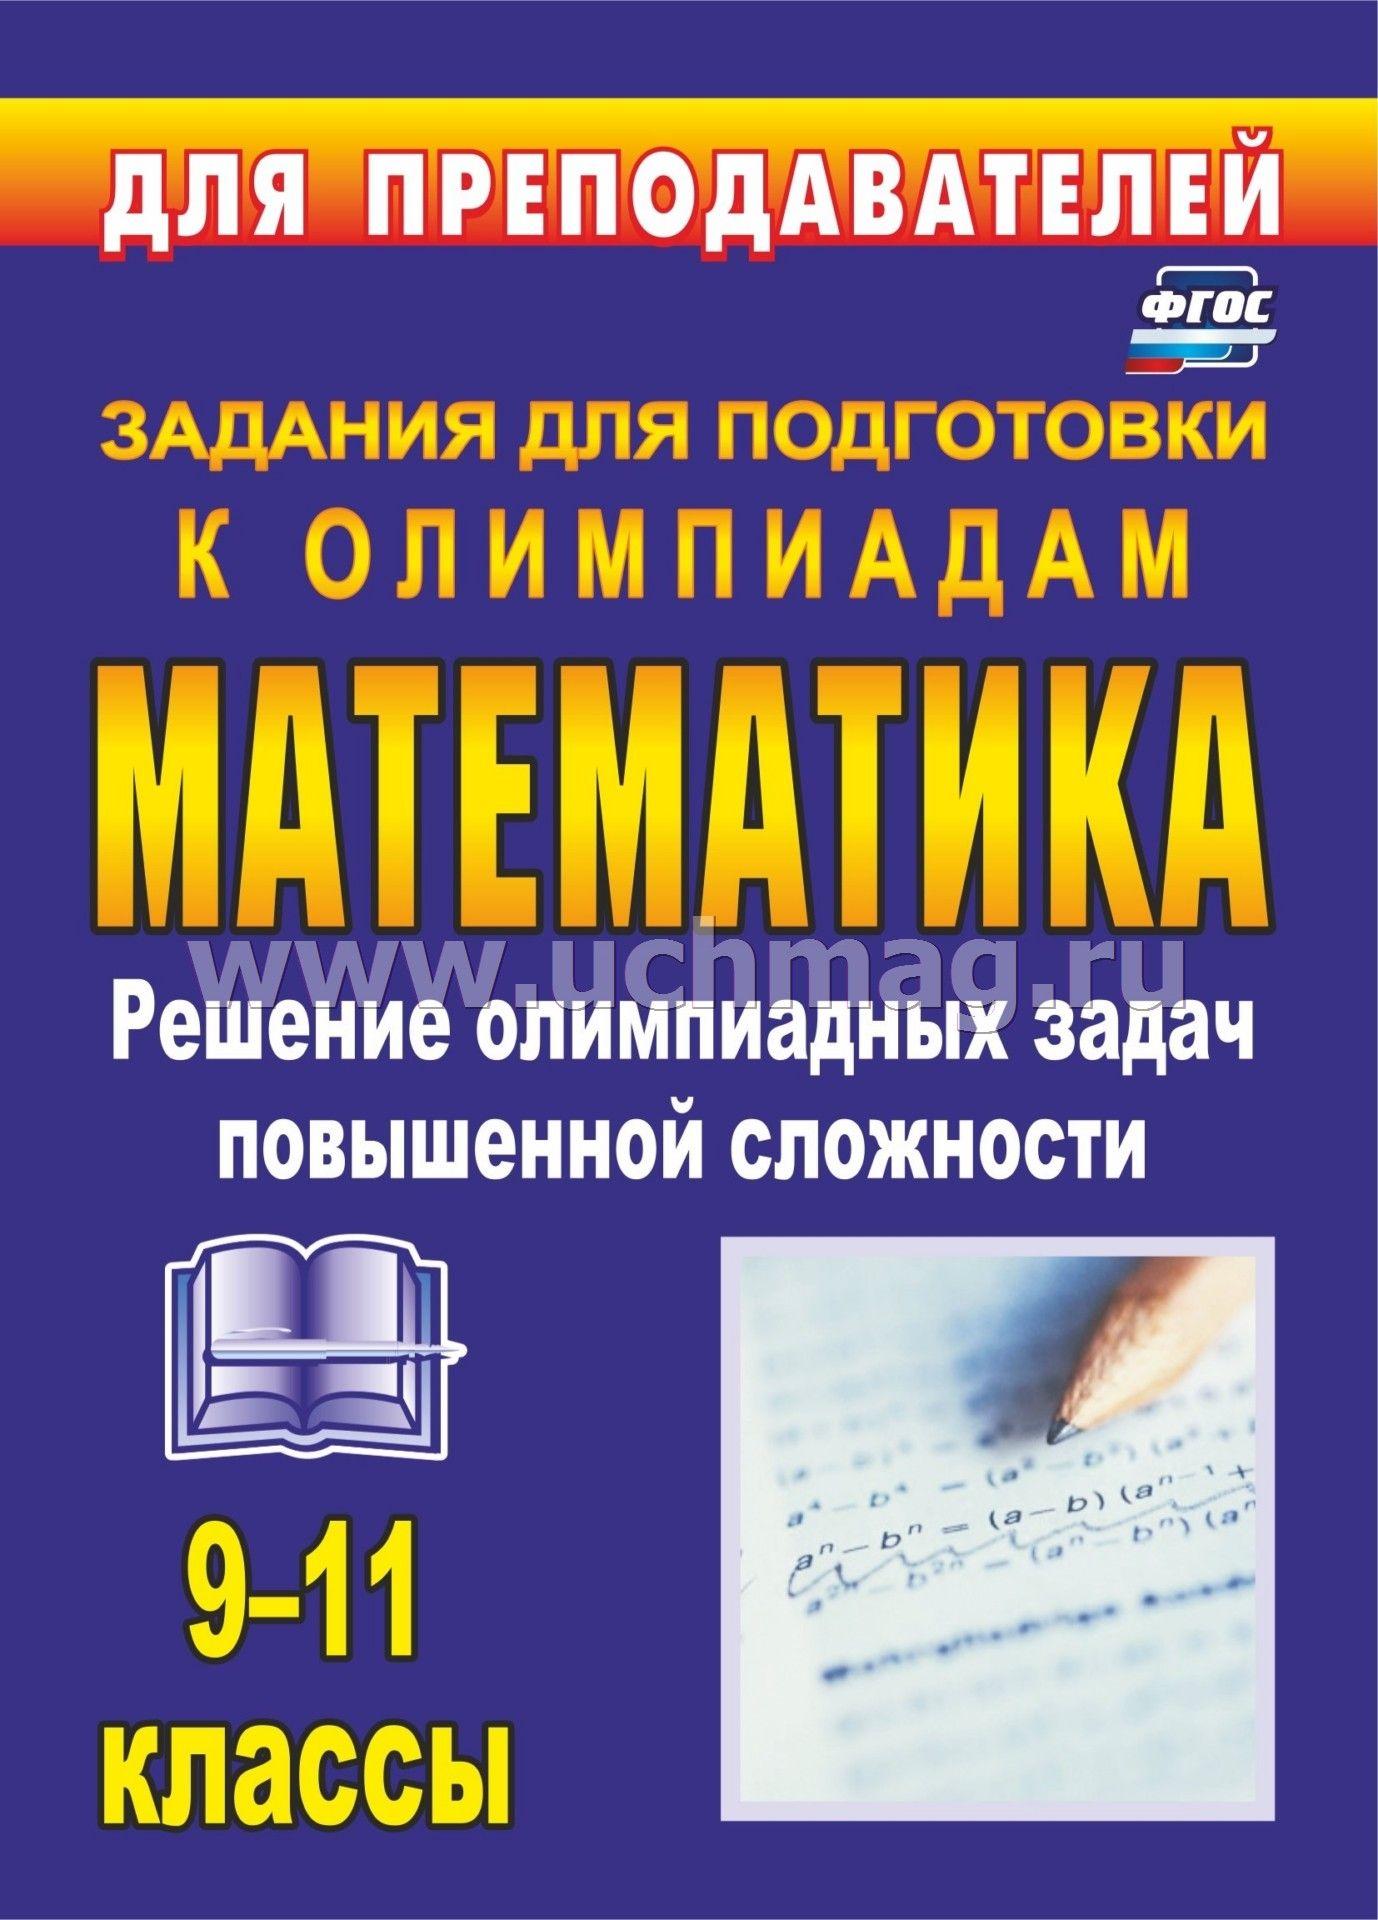 Скачать олимпиадные задания по математике 5-8 классы с решениями